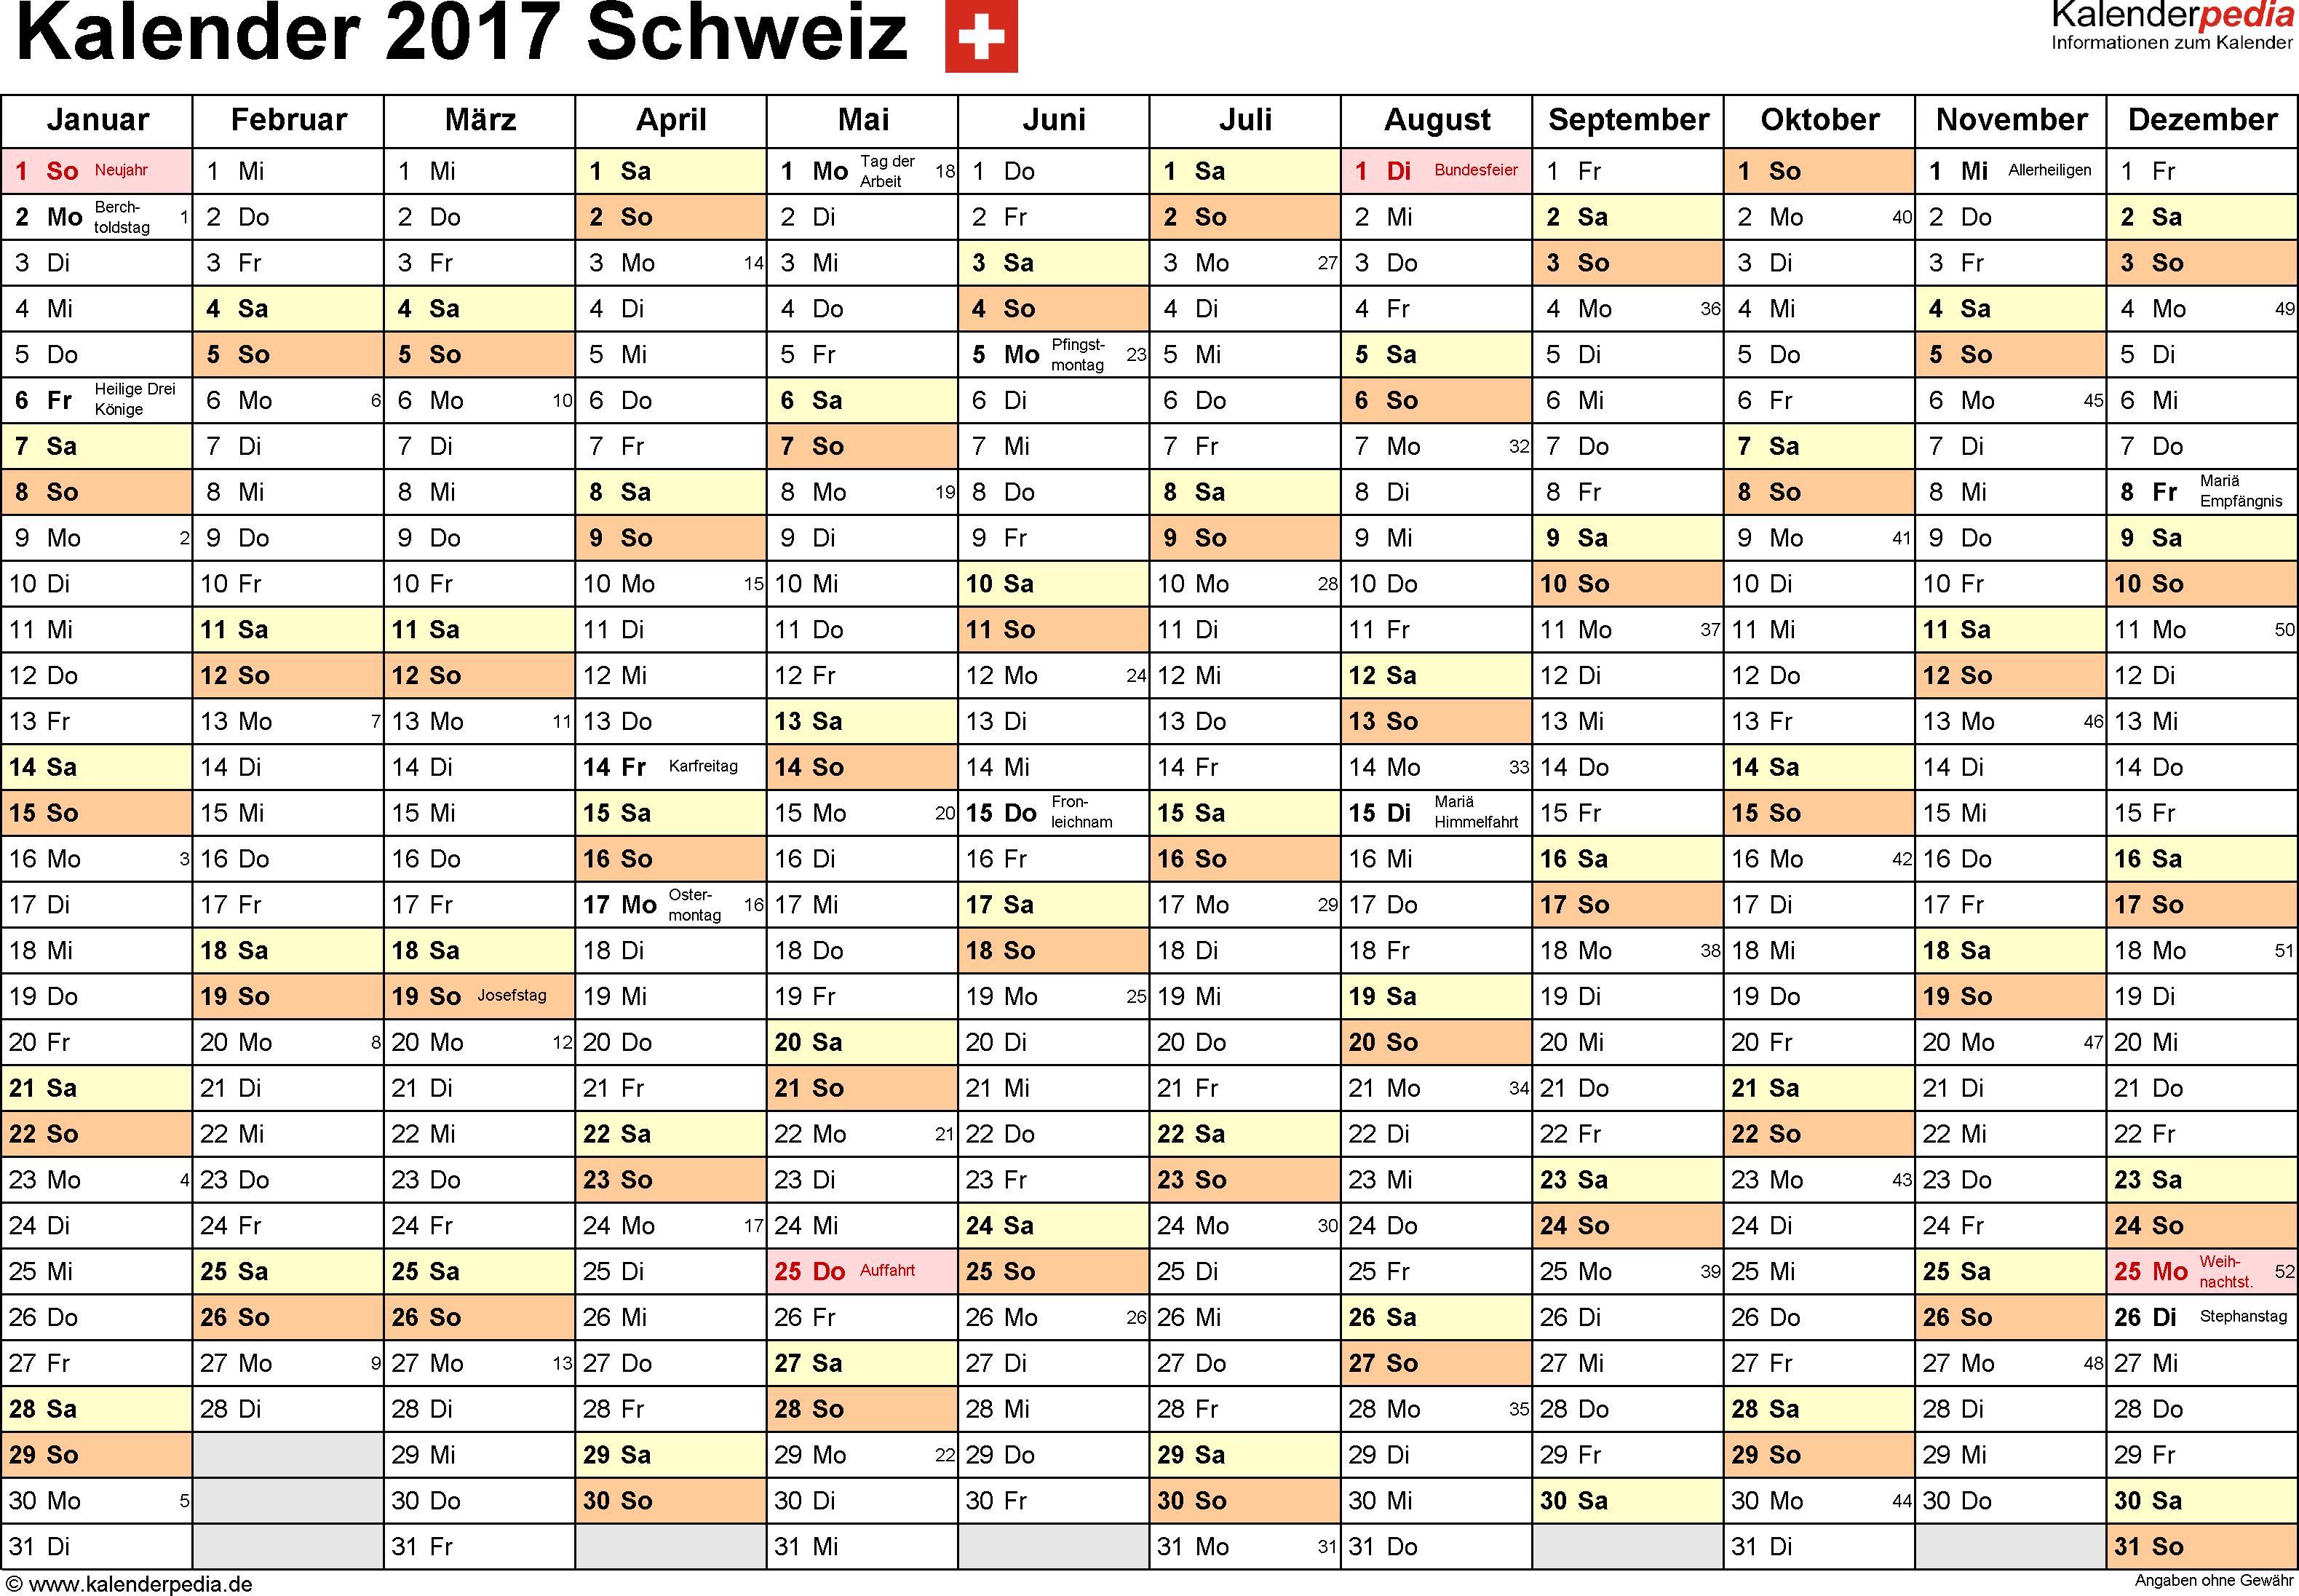 Vorlage 2: Kalender 2017 für die <span style=white-space:nowrap;>Schweiz als PDF-Datei, Querformat, 1 Seite, Monate nebeneinander